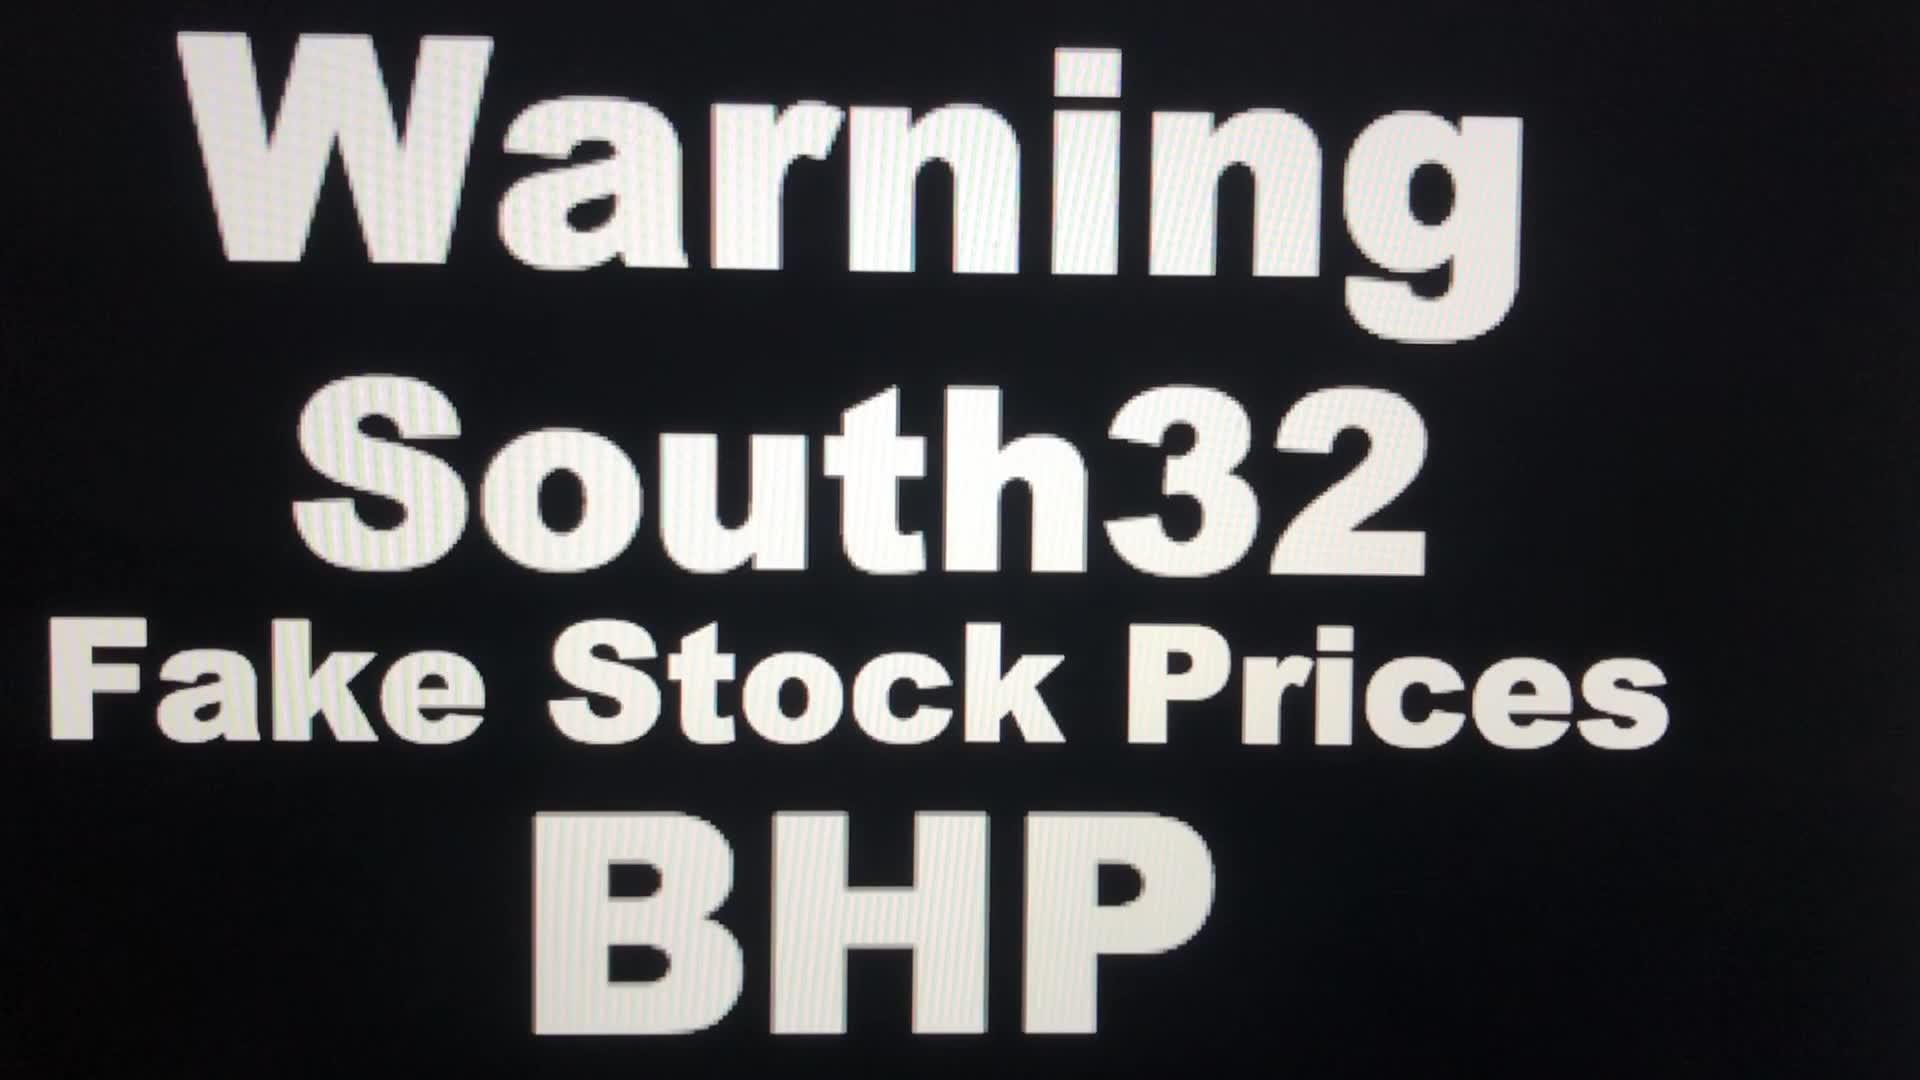 bhp directors liable scam south32.com stock bhp billiton directors